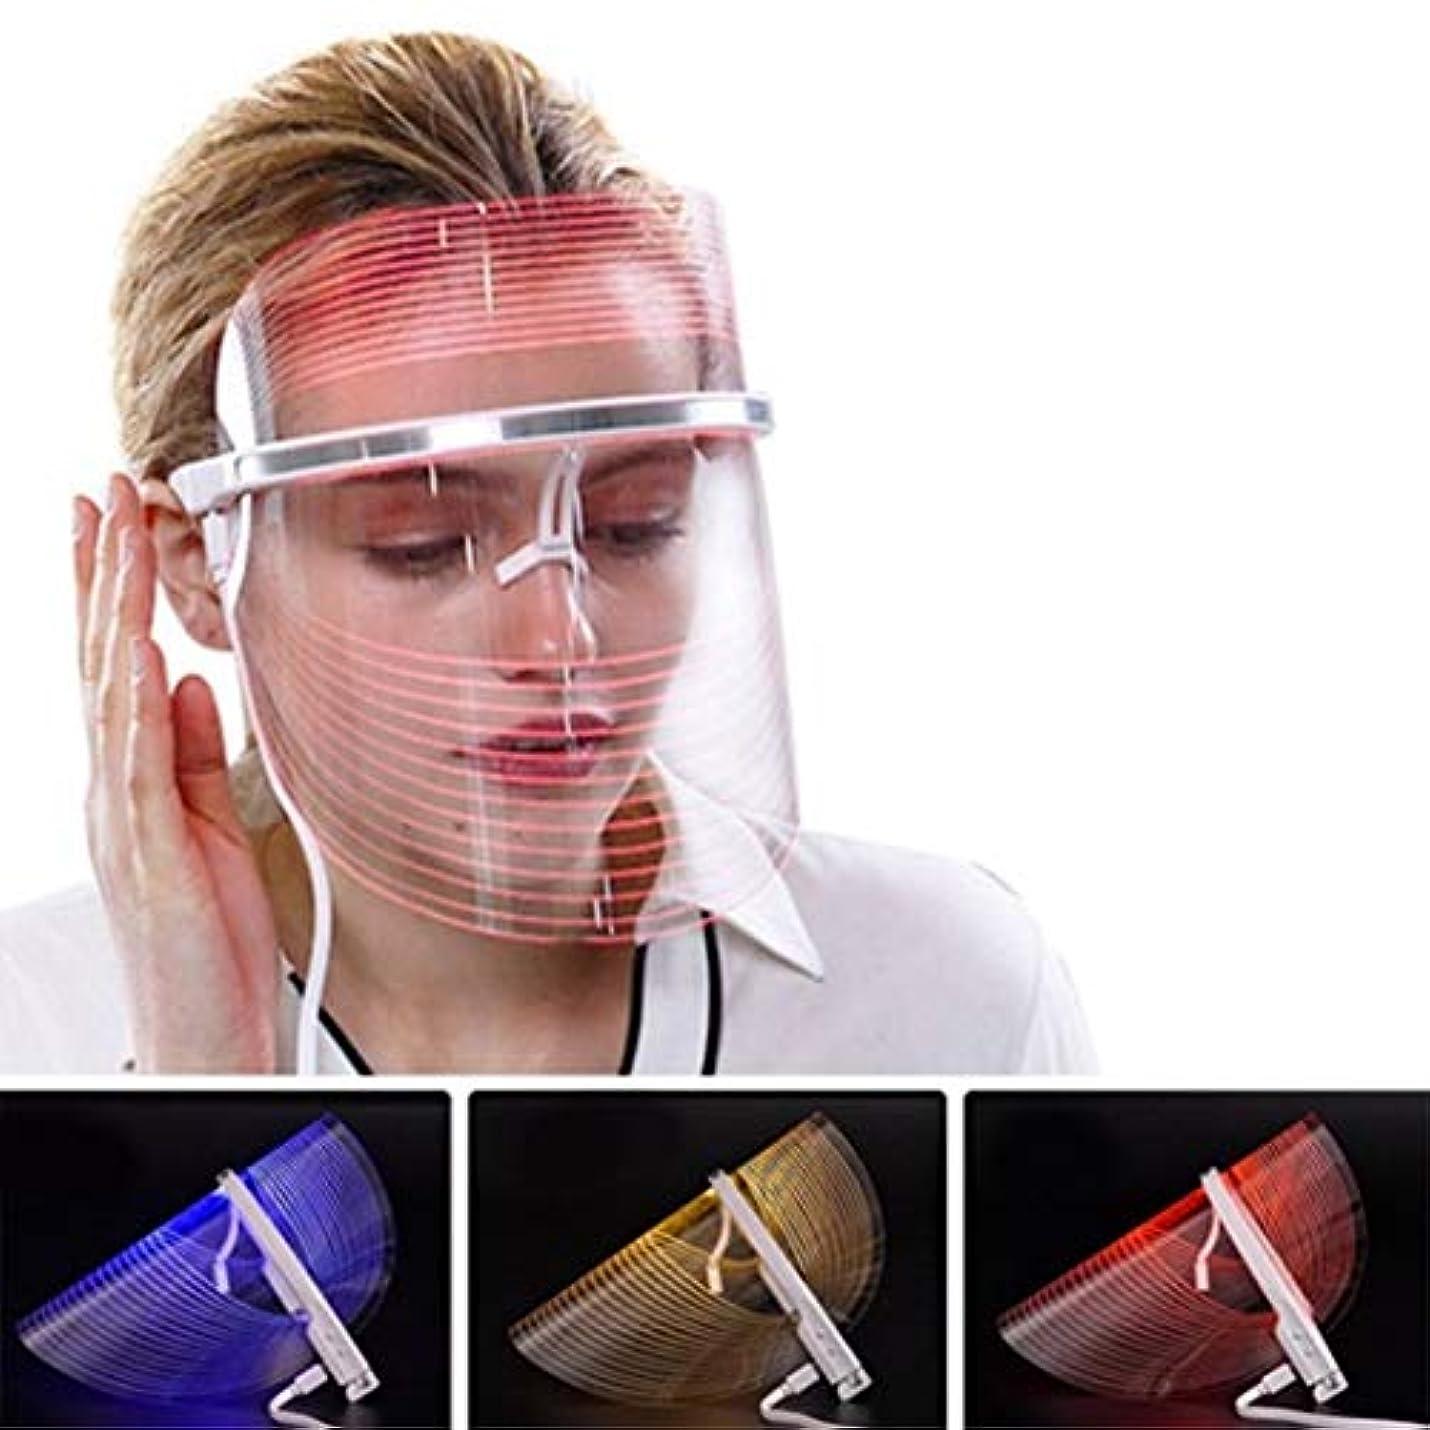 転送アナロジーなだめるRabugoo LEDフェイスマスク肌の若返りしわ除去アンチエイジングマスク多機能美容機